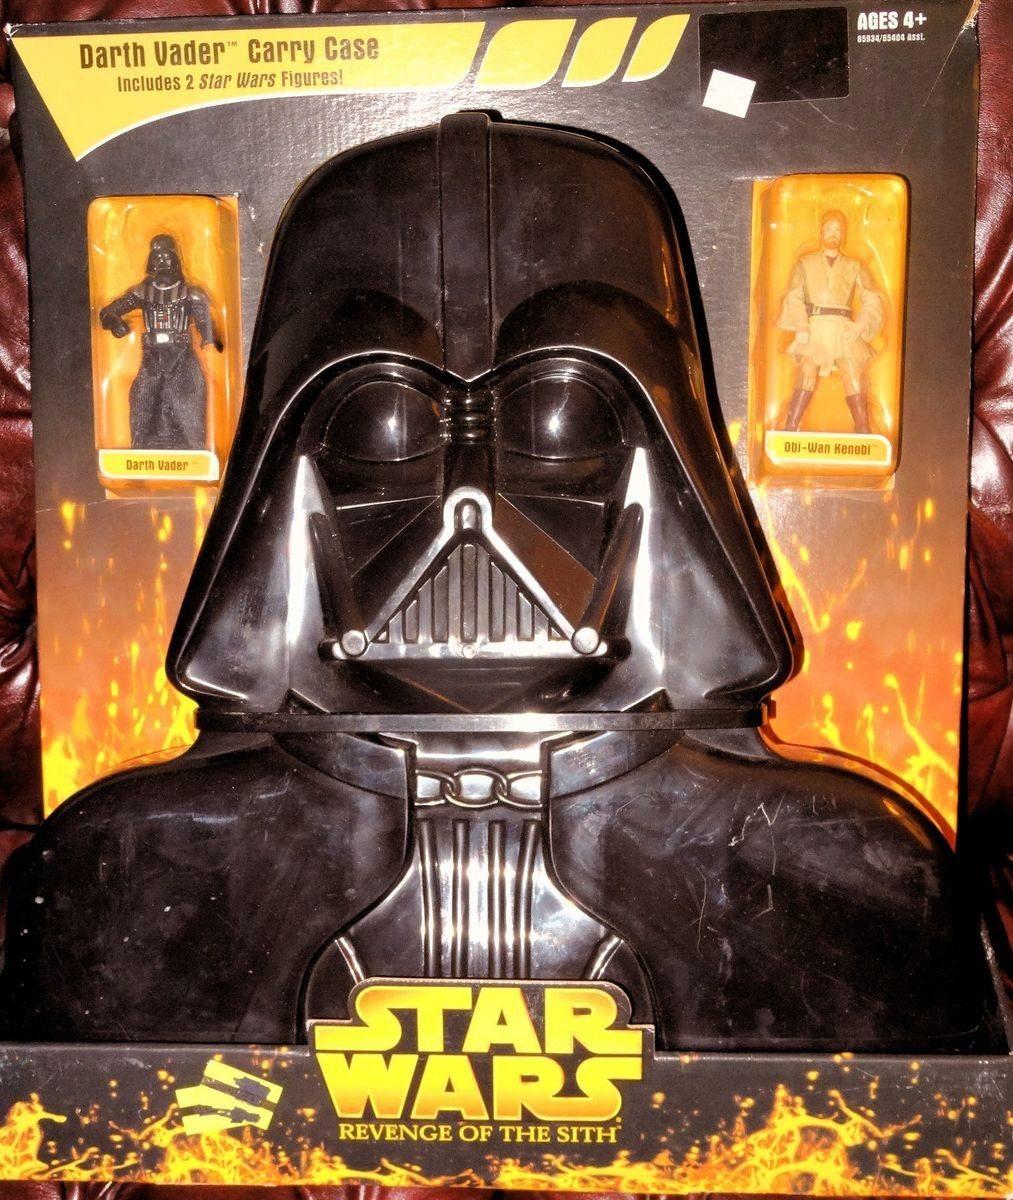 Darth Vader Carry Case Vader Kenobi Revenge Of The Sith Action Figure